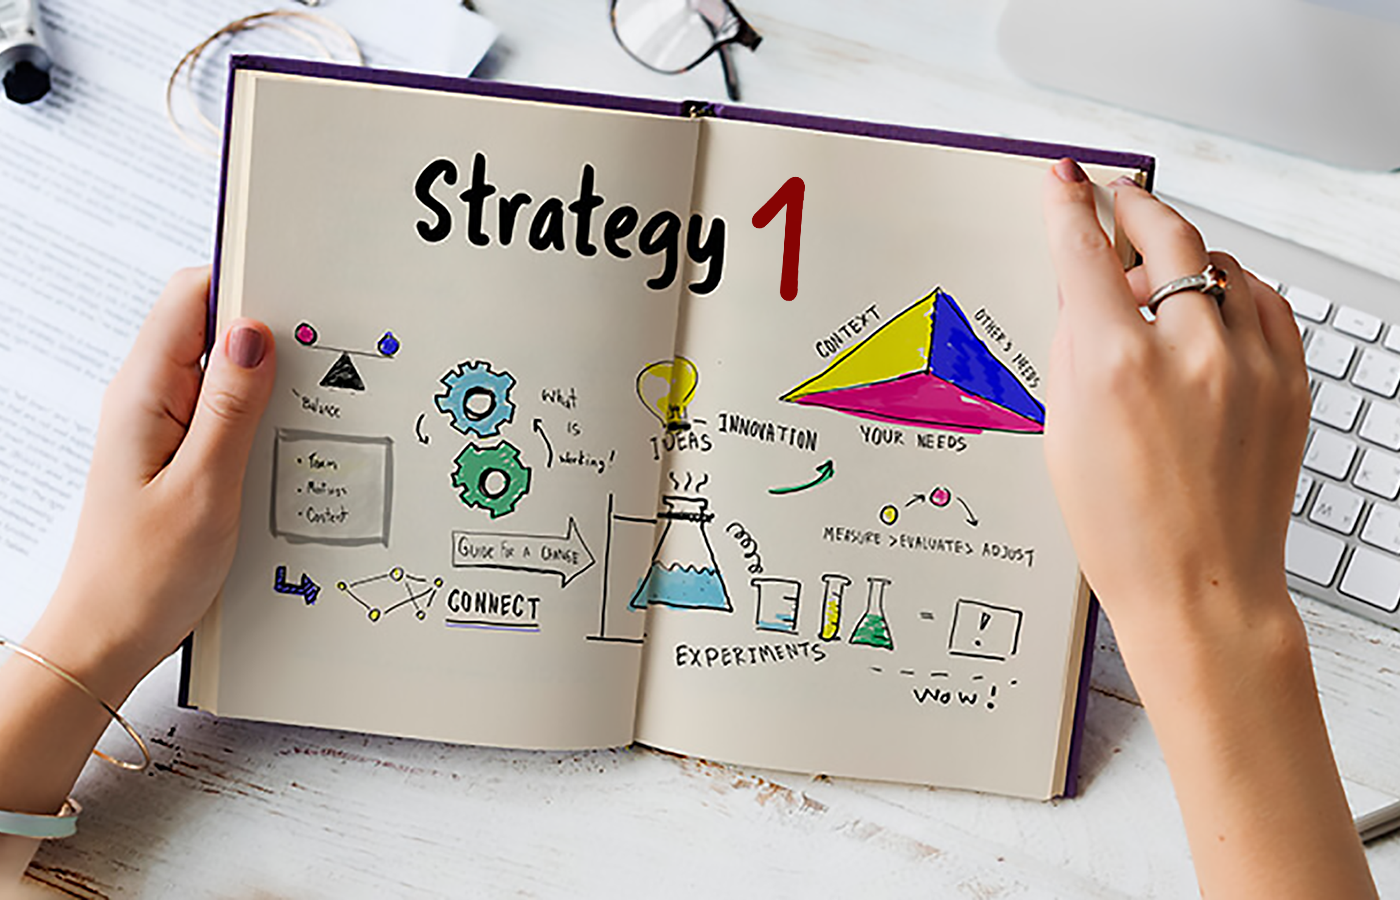 Что такое стратегия. Зачем она нужна. Как и кем она создаётся и управляется  | by Dmitry Kozlovsky | Менеджмент и психология | Medium